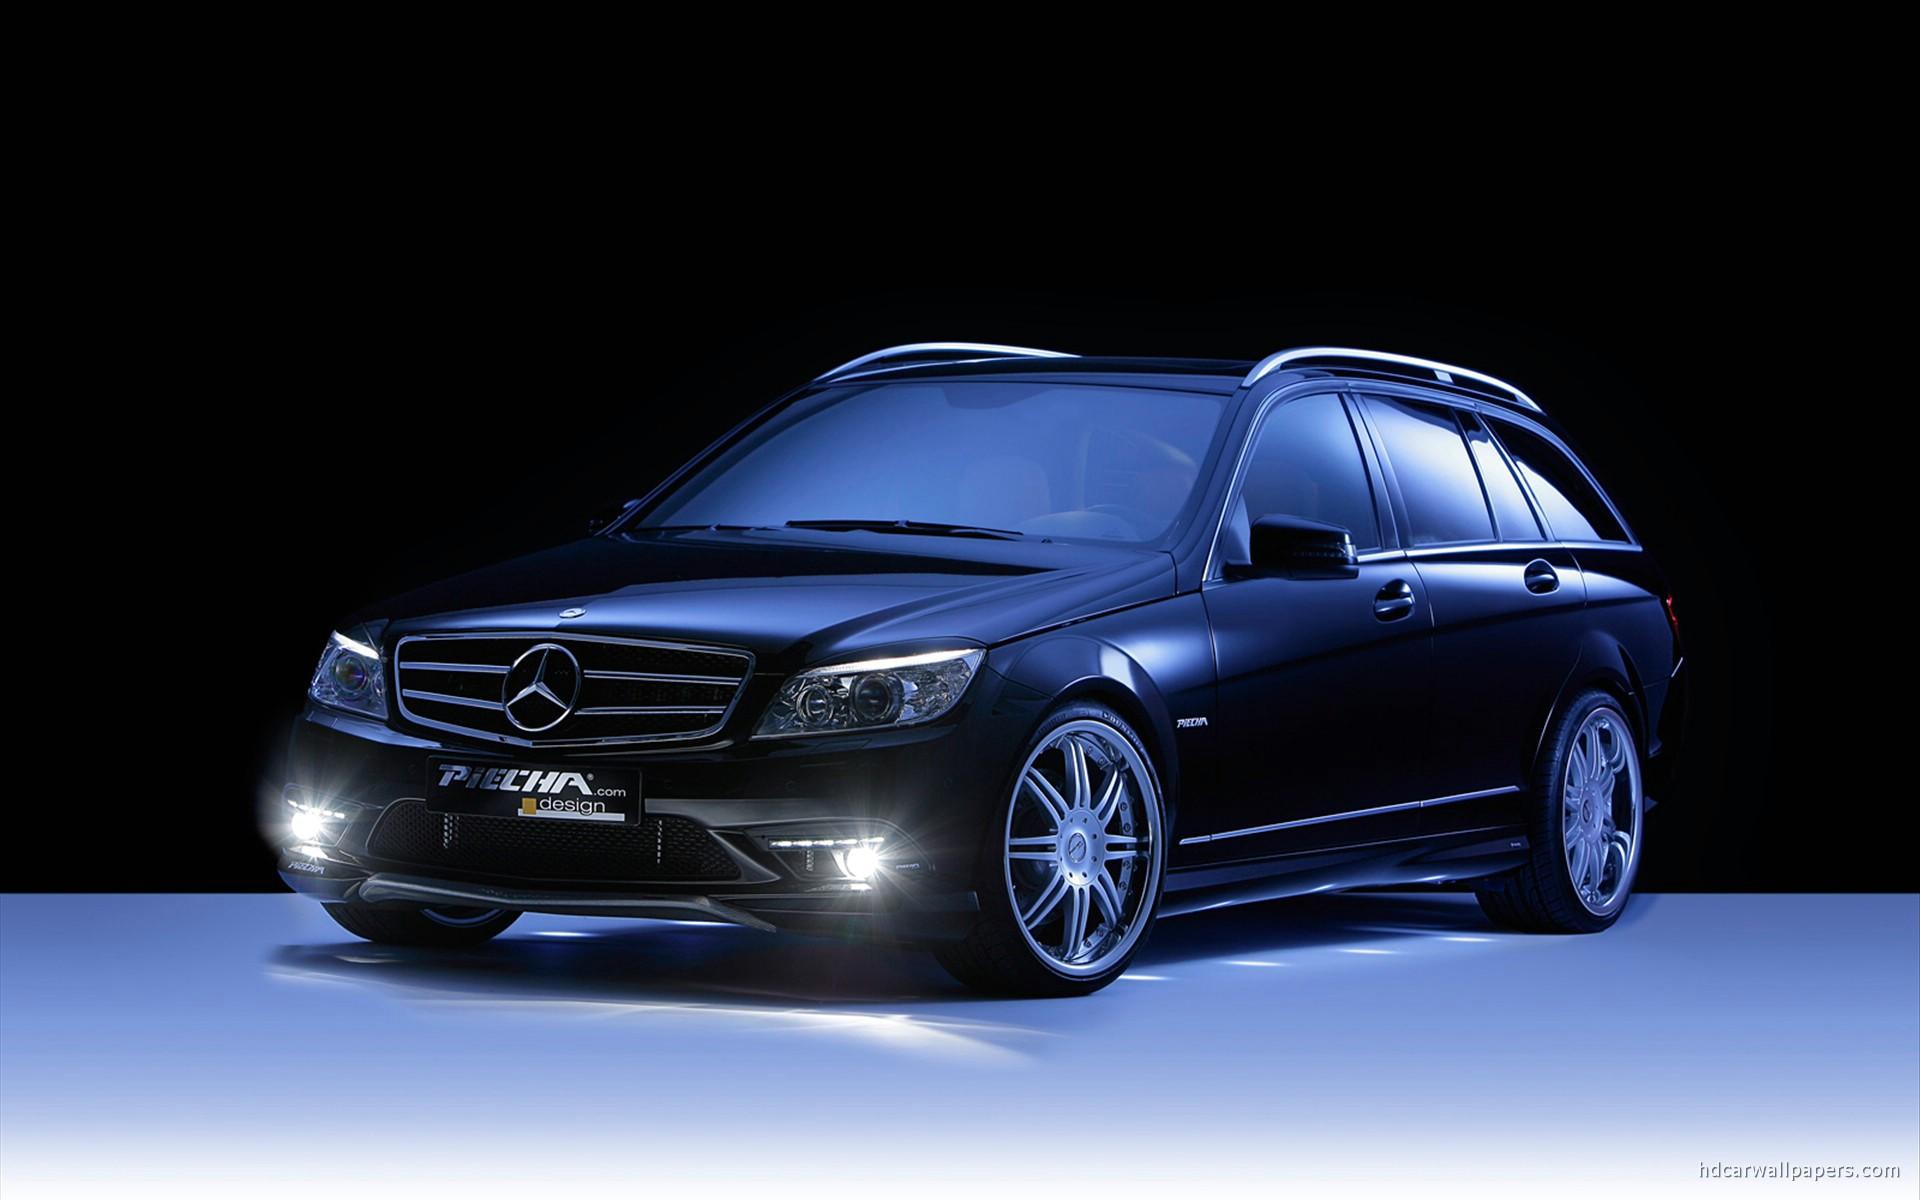 Mercedes benz c30 wallpaper hd car wallpapers id 1242 for C30 mercedes benz